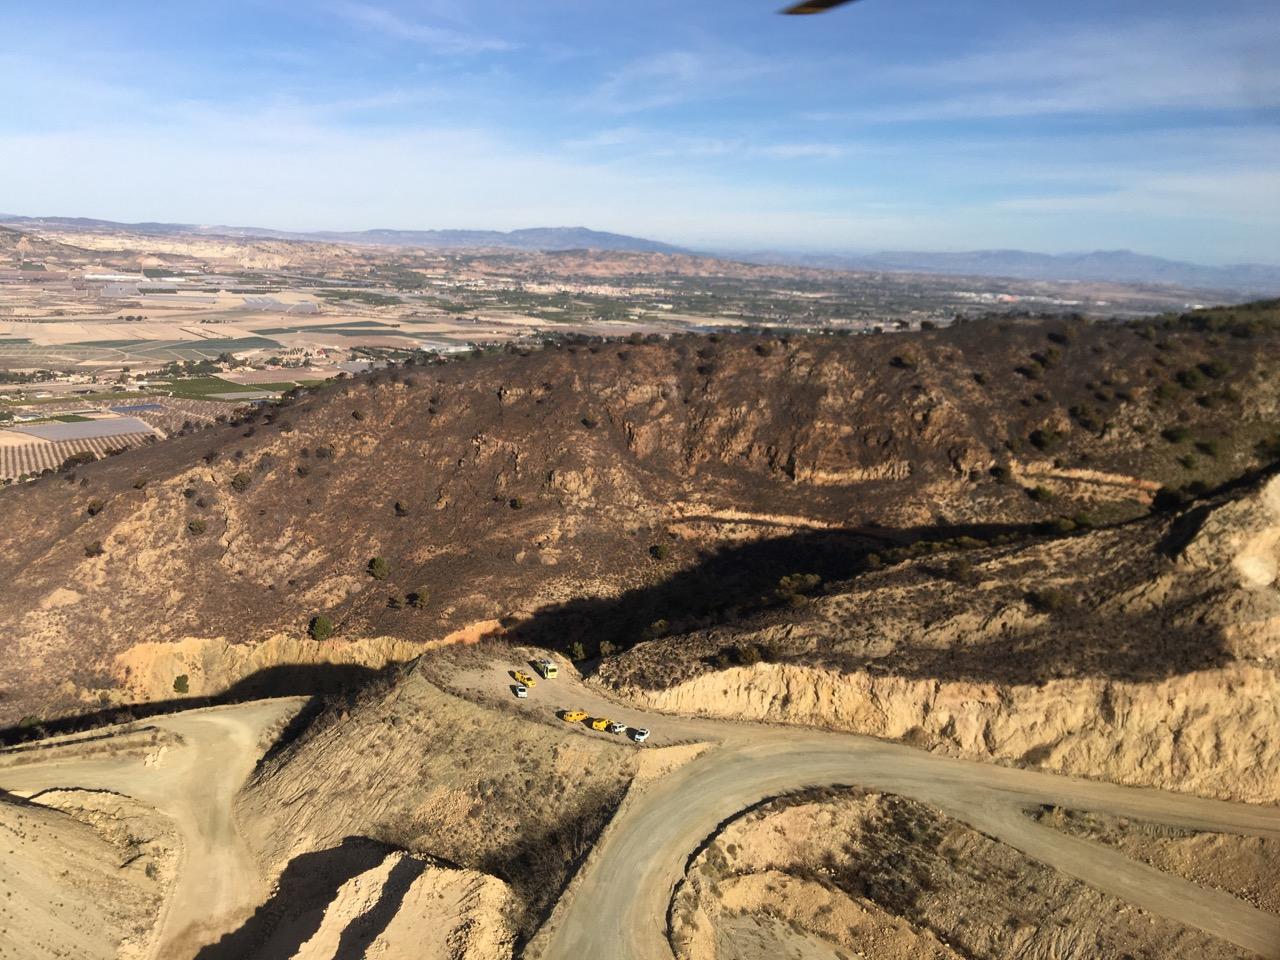 Aspecto de la zona afectada. Imagen: 1-1-2, desde el helicóptero de la D. G. de Seguridad Ciudadana y Emergencias de la Región de Murcia